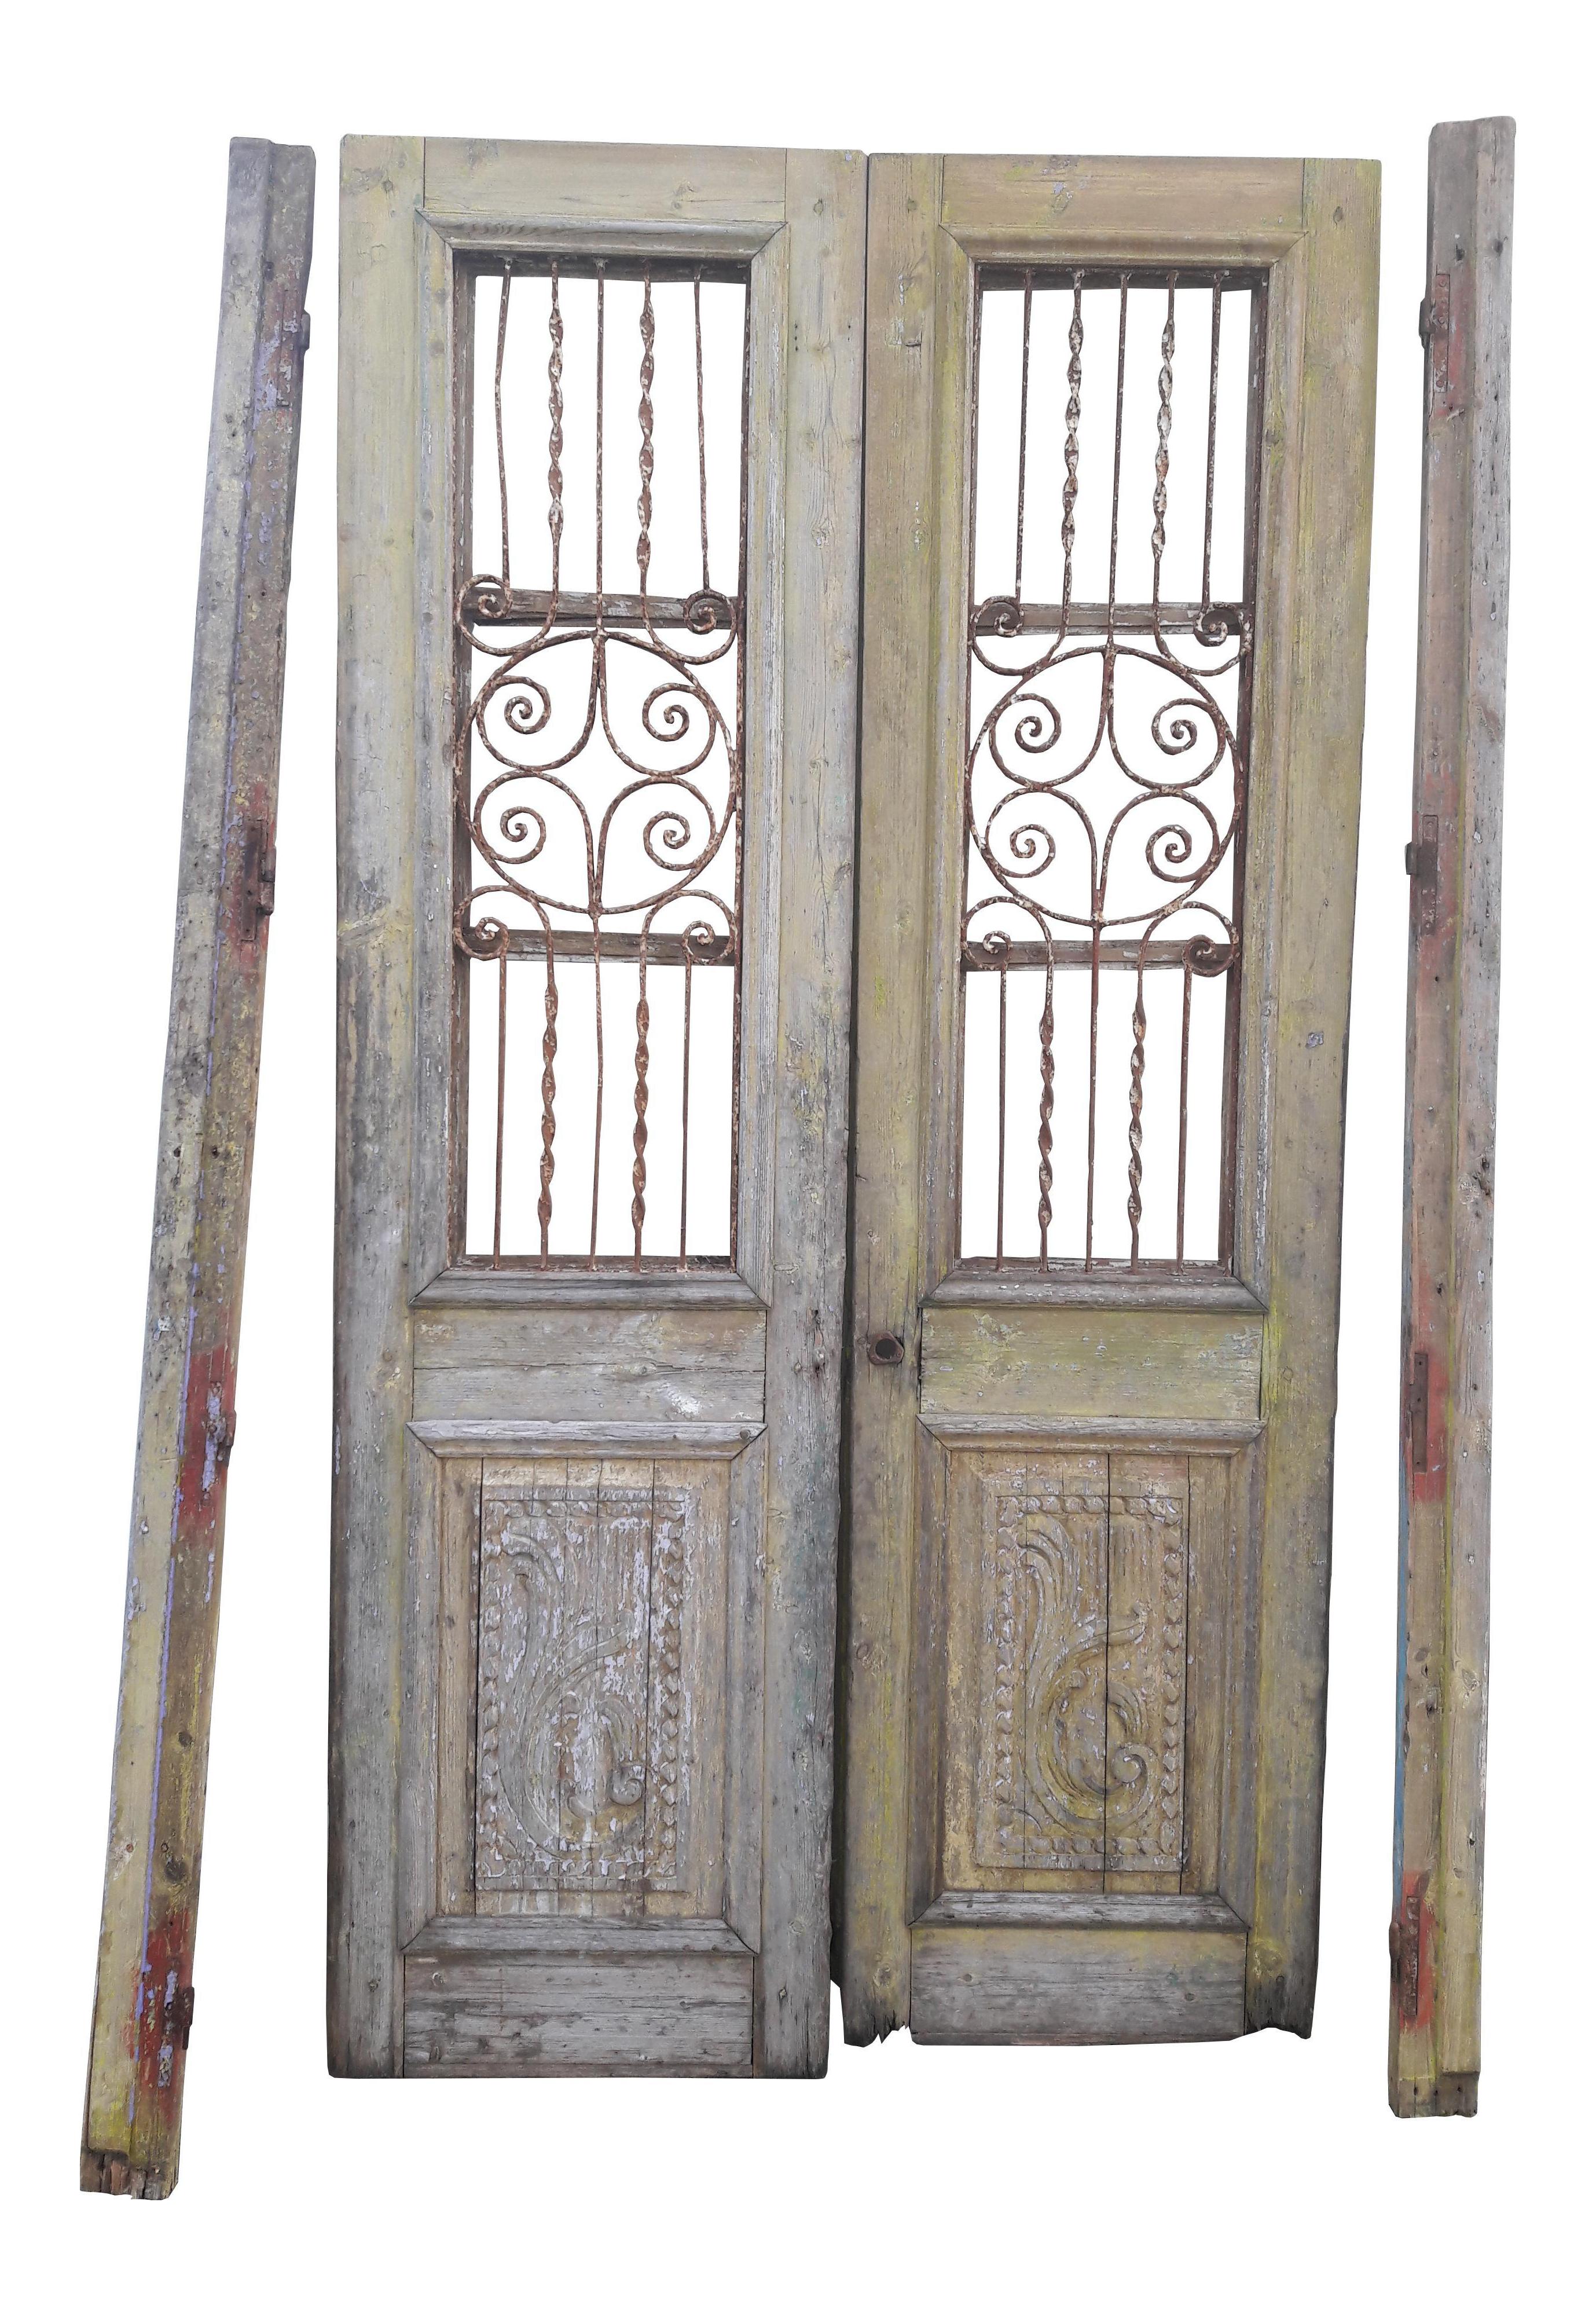 tedxumkc glass decoration doors door track rustic top flat and hardware barn of image